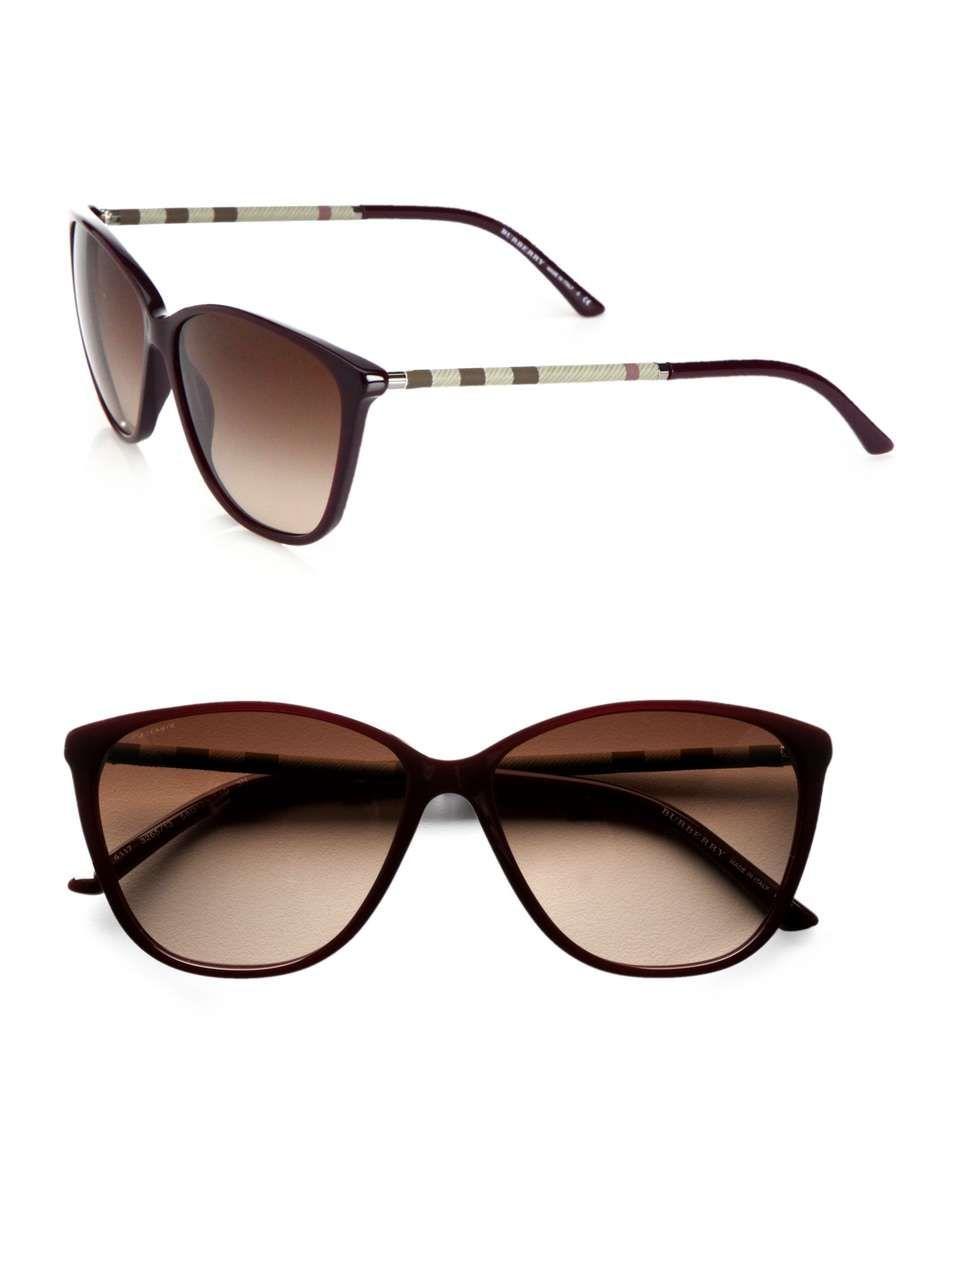 3687fec4397 Burberry Cat s-Eye Check Sunglasses Burberry 2015